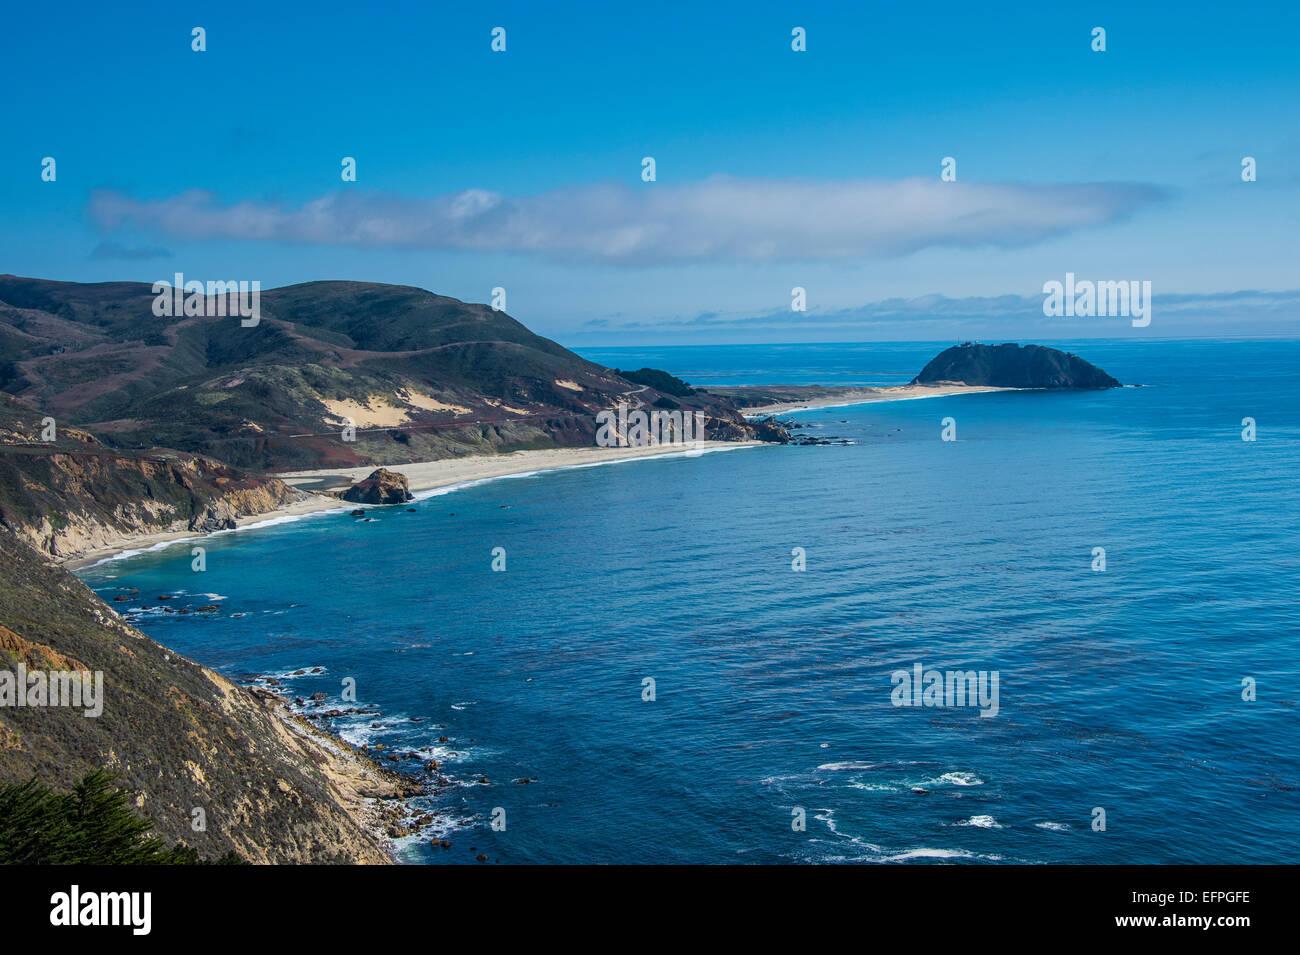 Playas de arena cerca del punto Sur State Park, Big Sur, California, EE.UU. Imagen De Stock